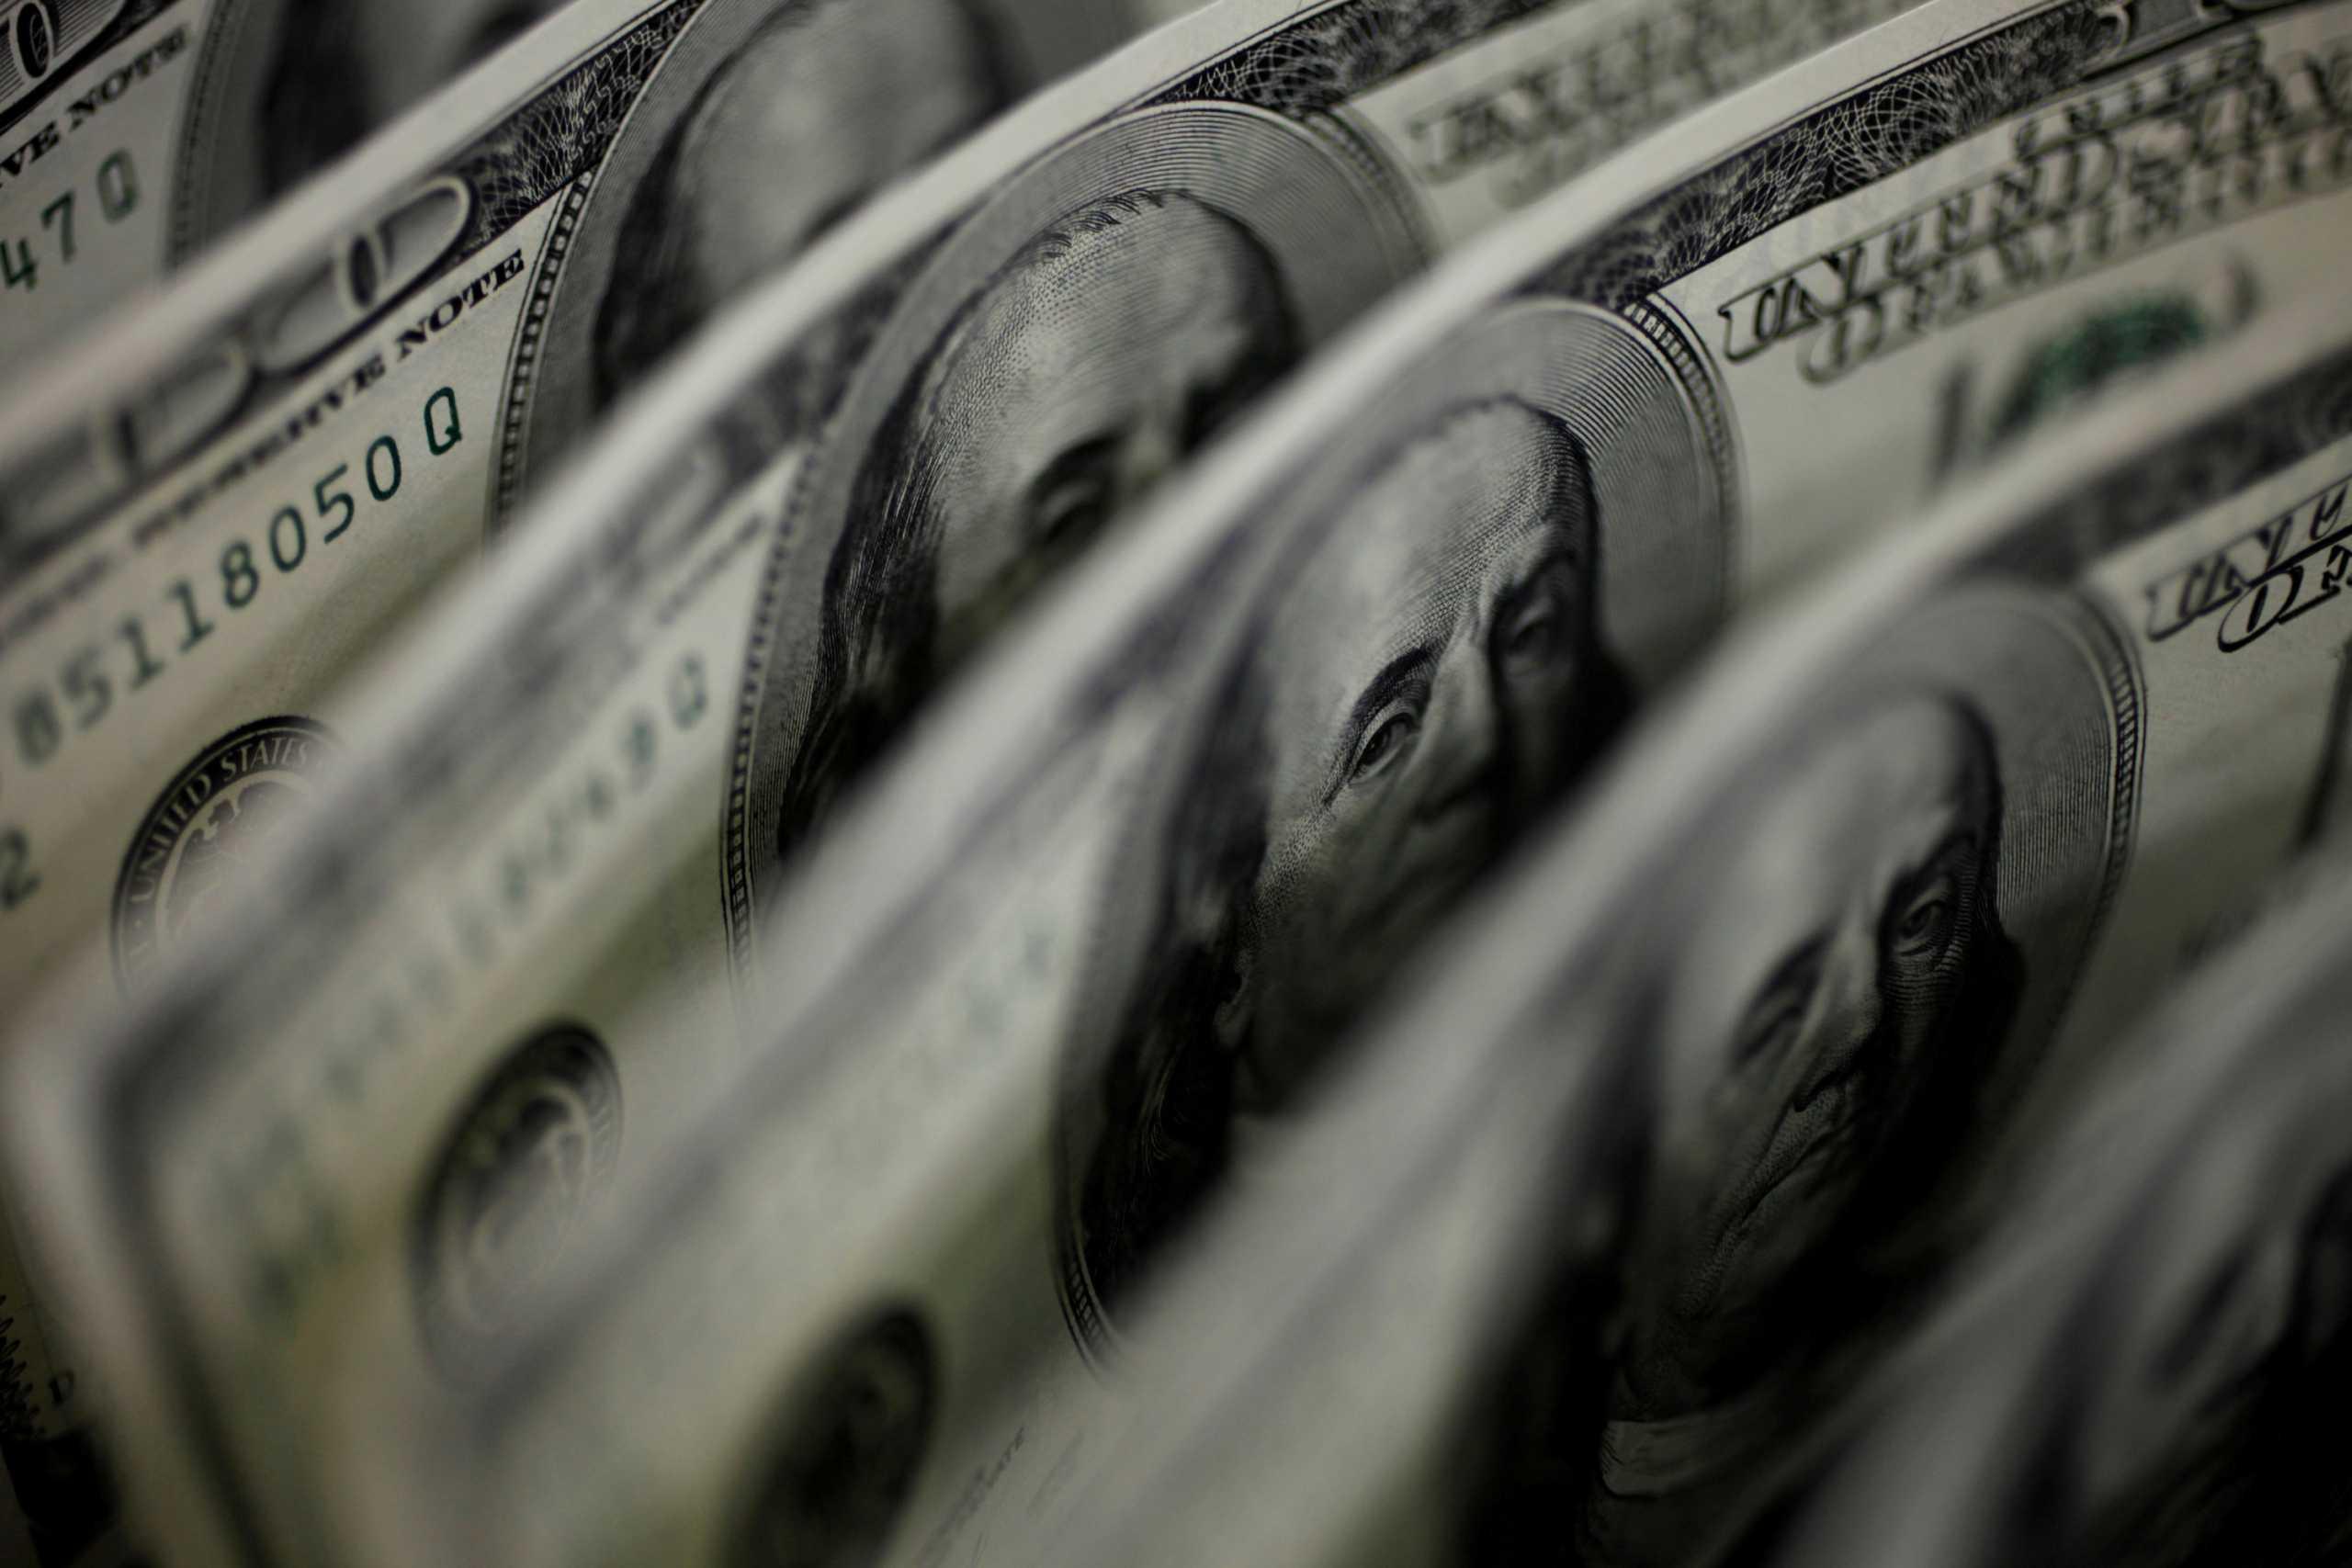 Ένας σπάνιος πίνακας του Μπασκιά αγγίζει τα 35 εκατομμύρια δολάρια